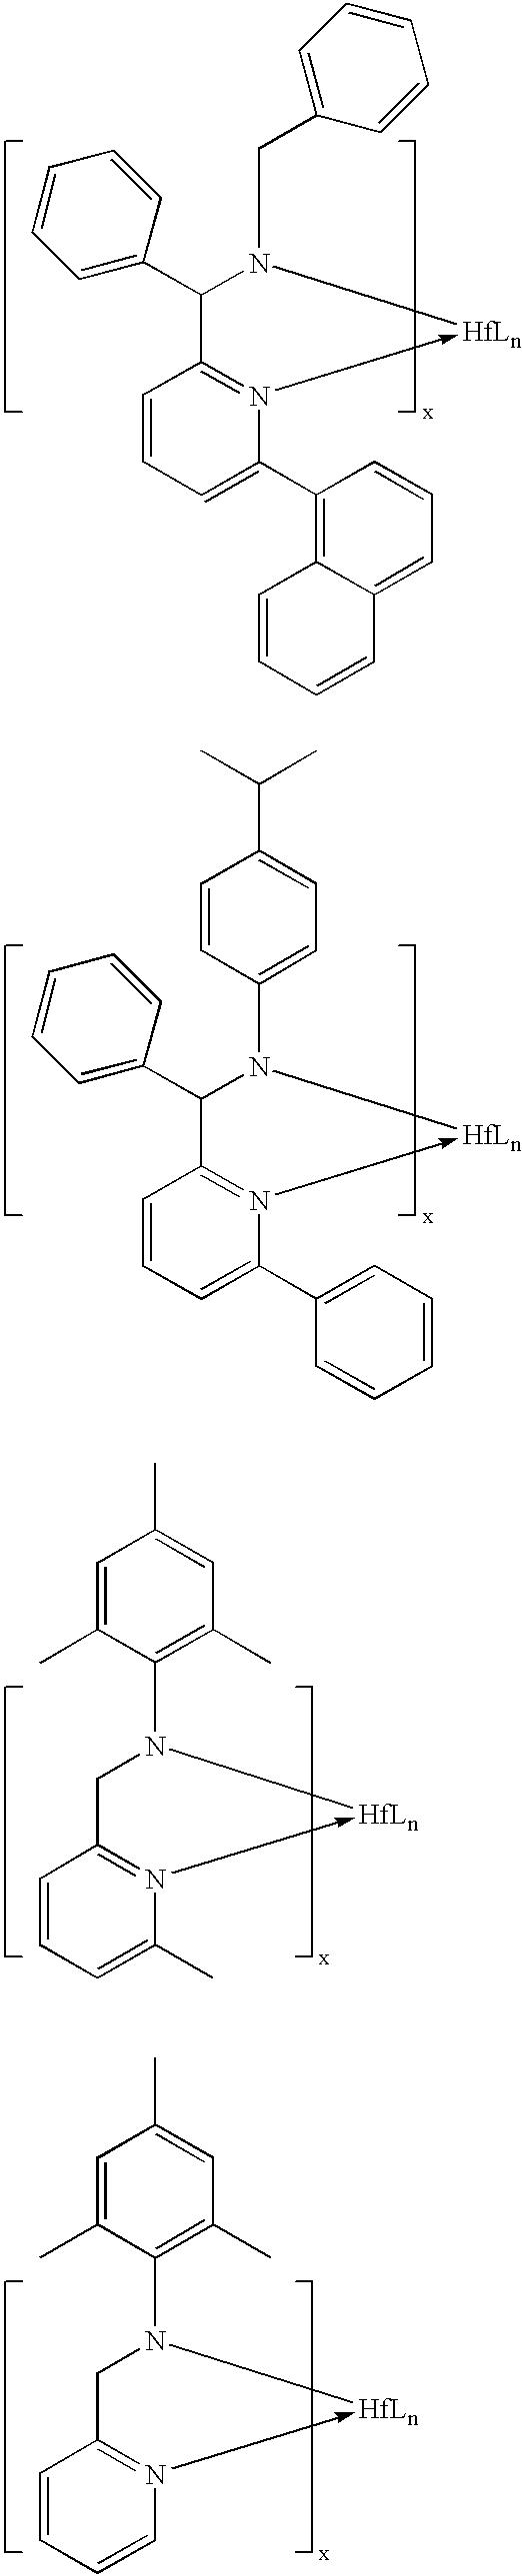 Figure US20030195300A1-20031016-C00016